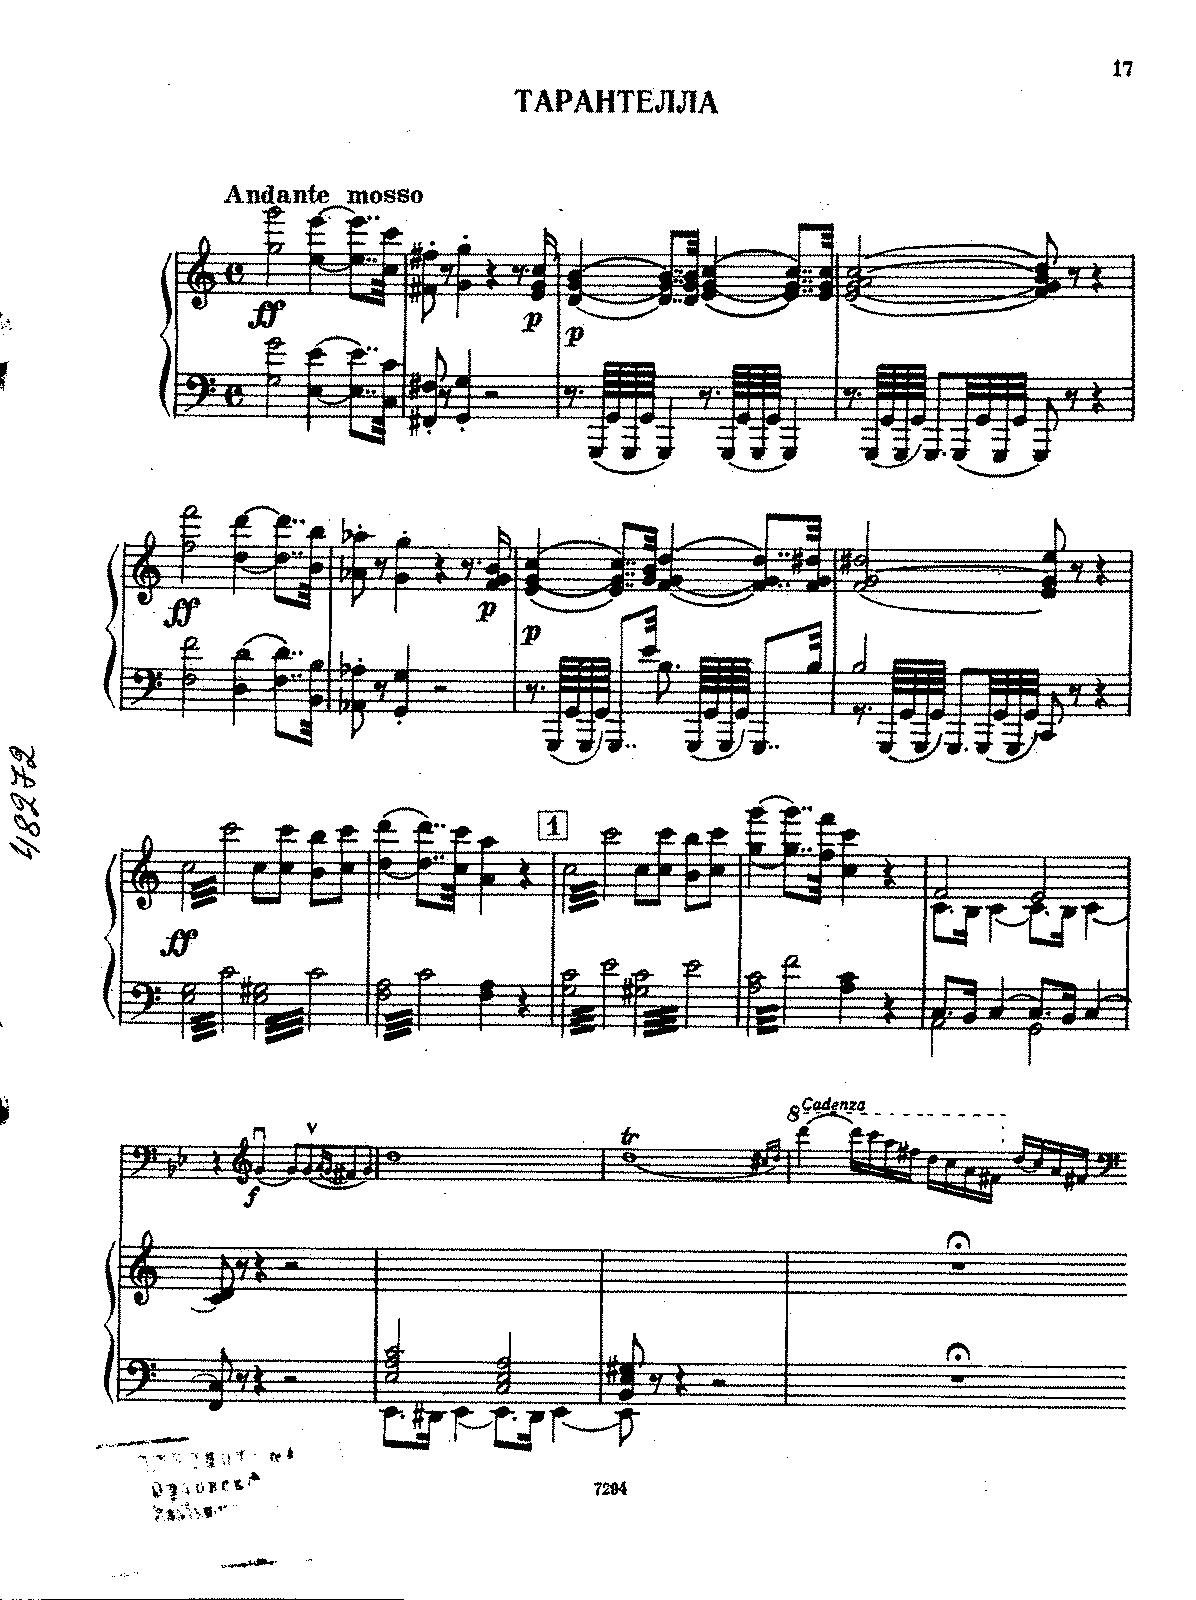 Popper - prelude and gavotte for cello and piano